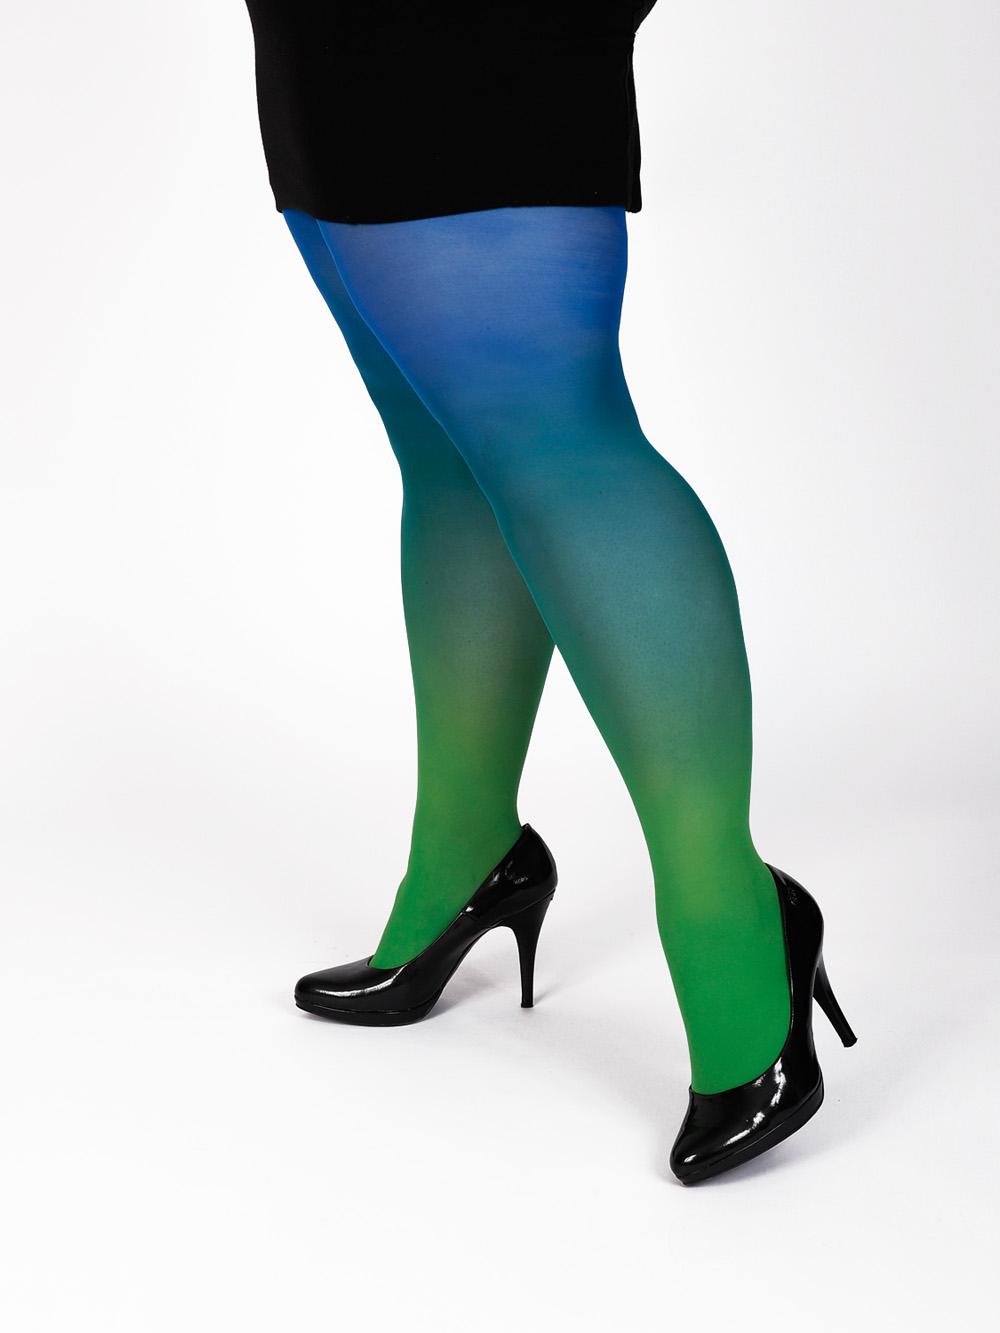 Plus Size Zöld-kék Harisnya